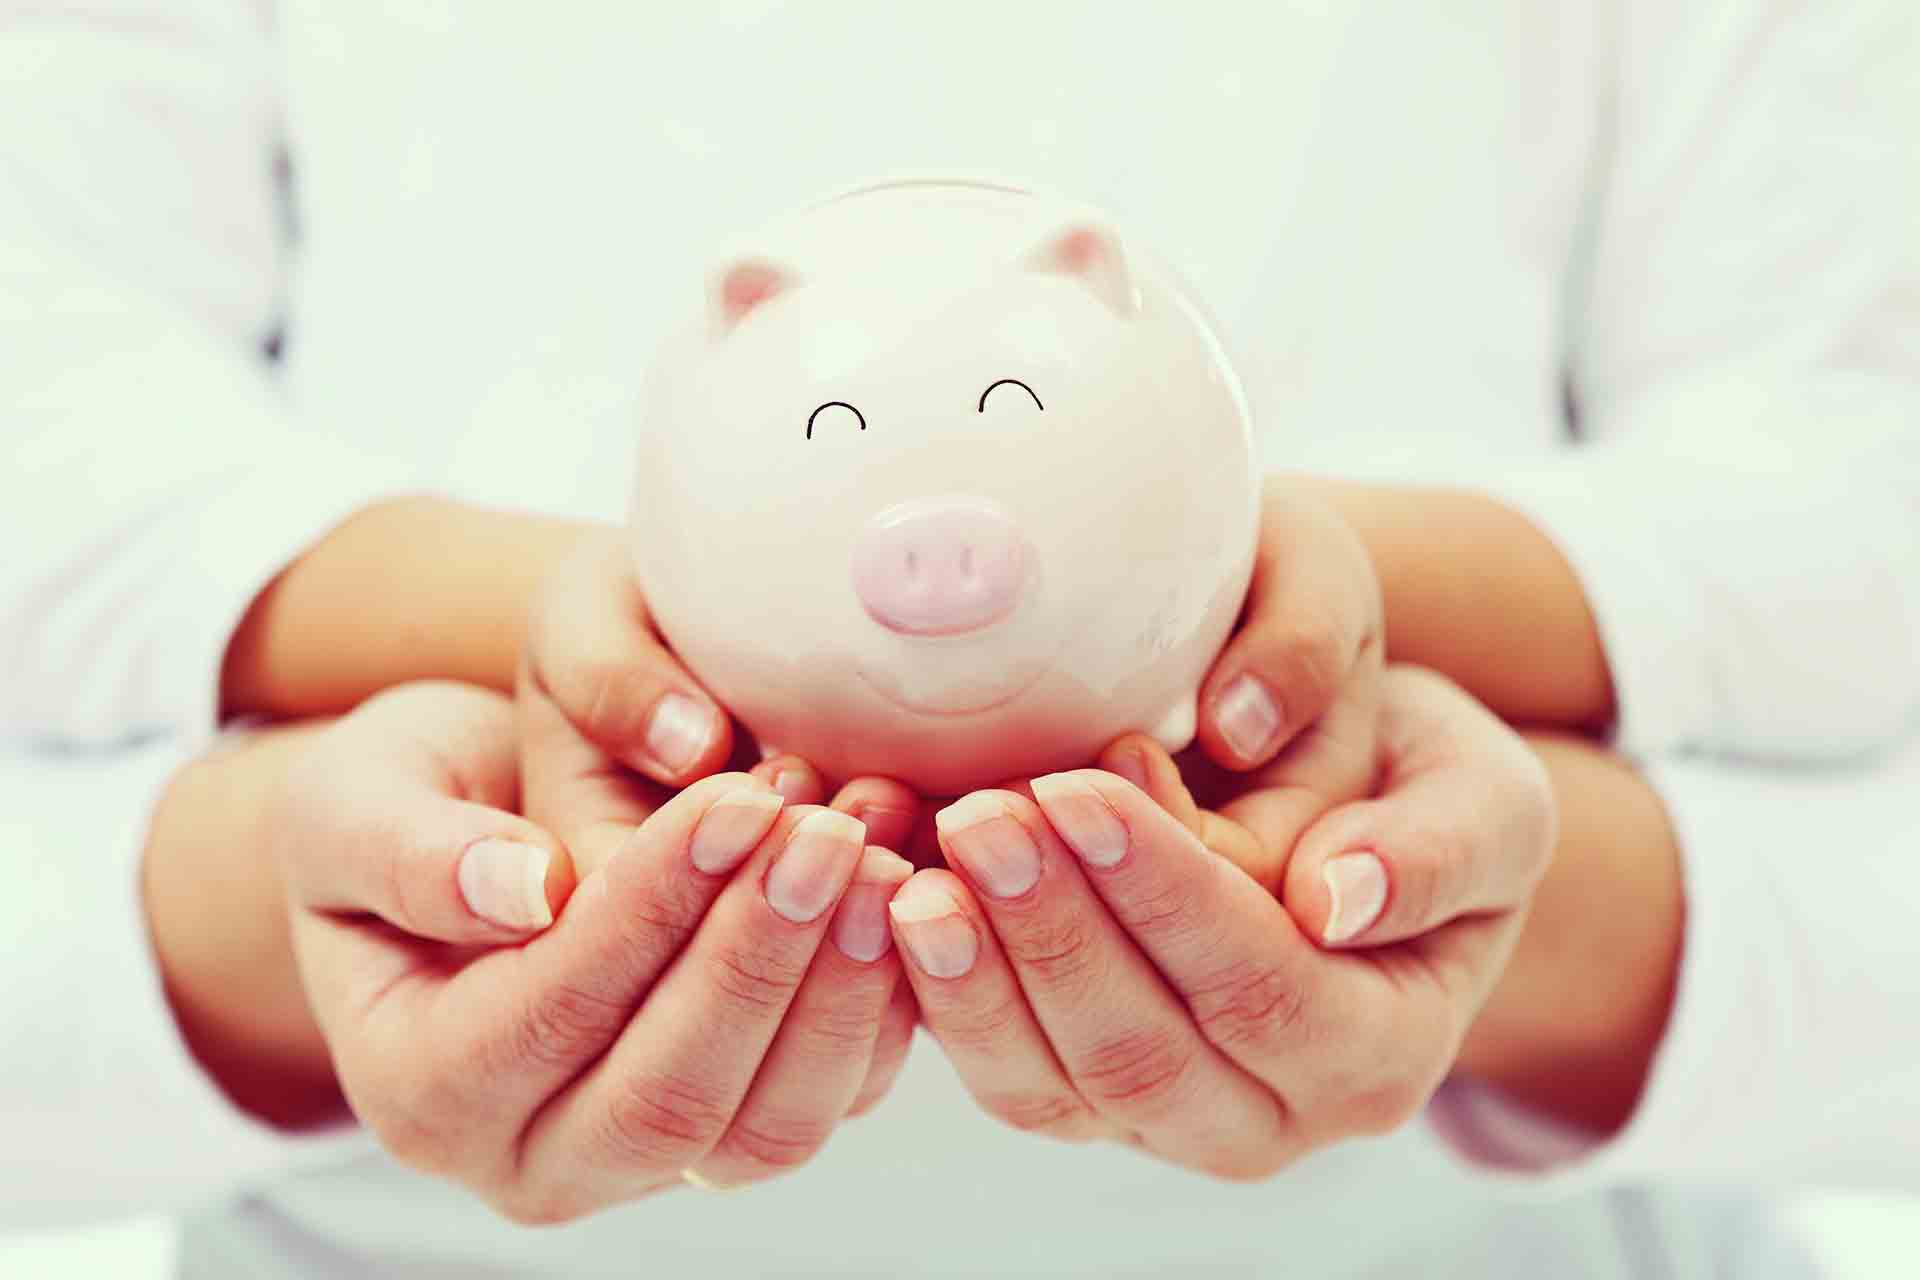 El reto de los 21 días: practica el ayuno financiero